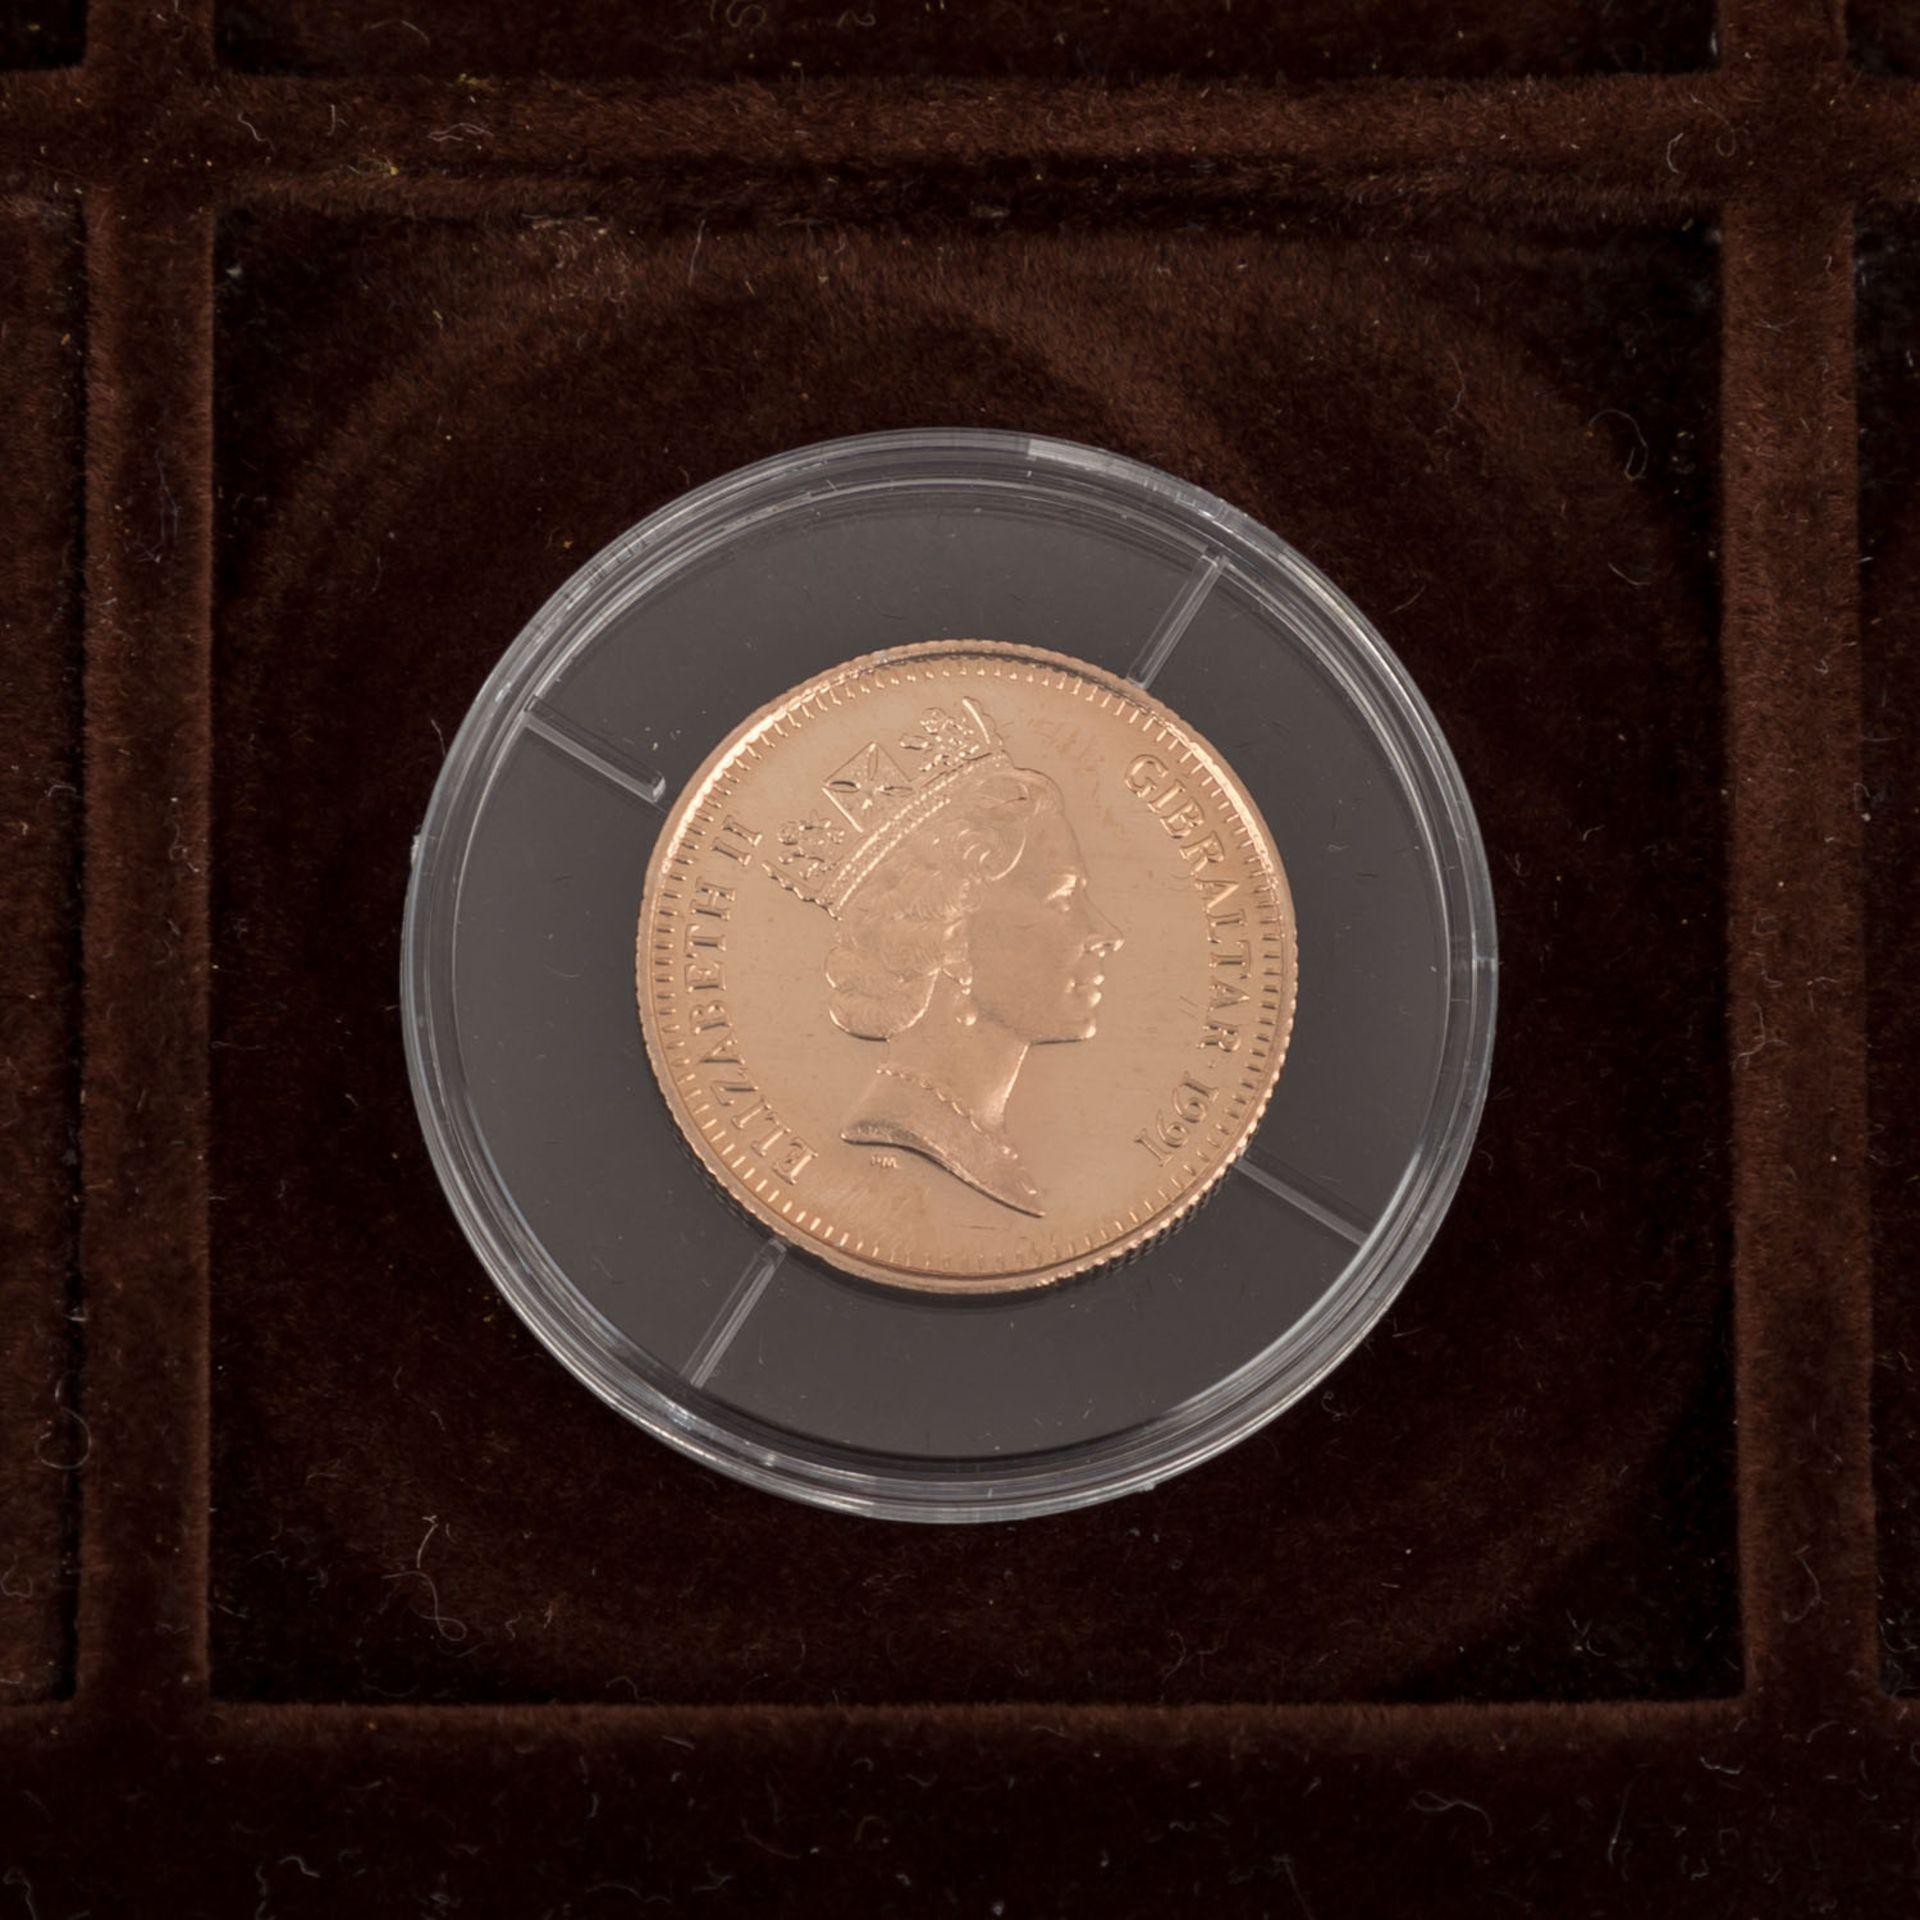 GOLDSCHATZ ca. 83 g fein, Holzkiste bestehend aus - Bild 7 aus 9